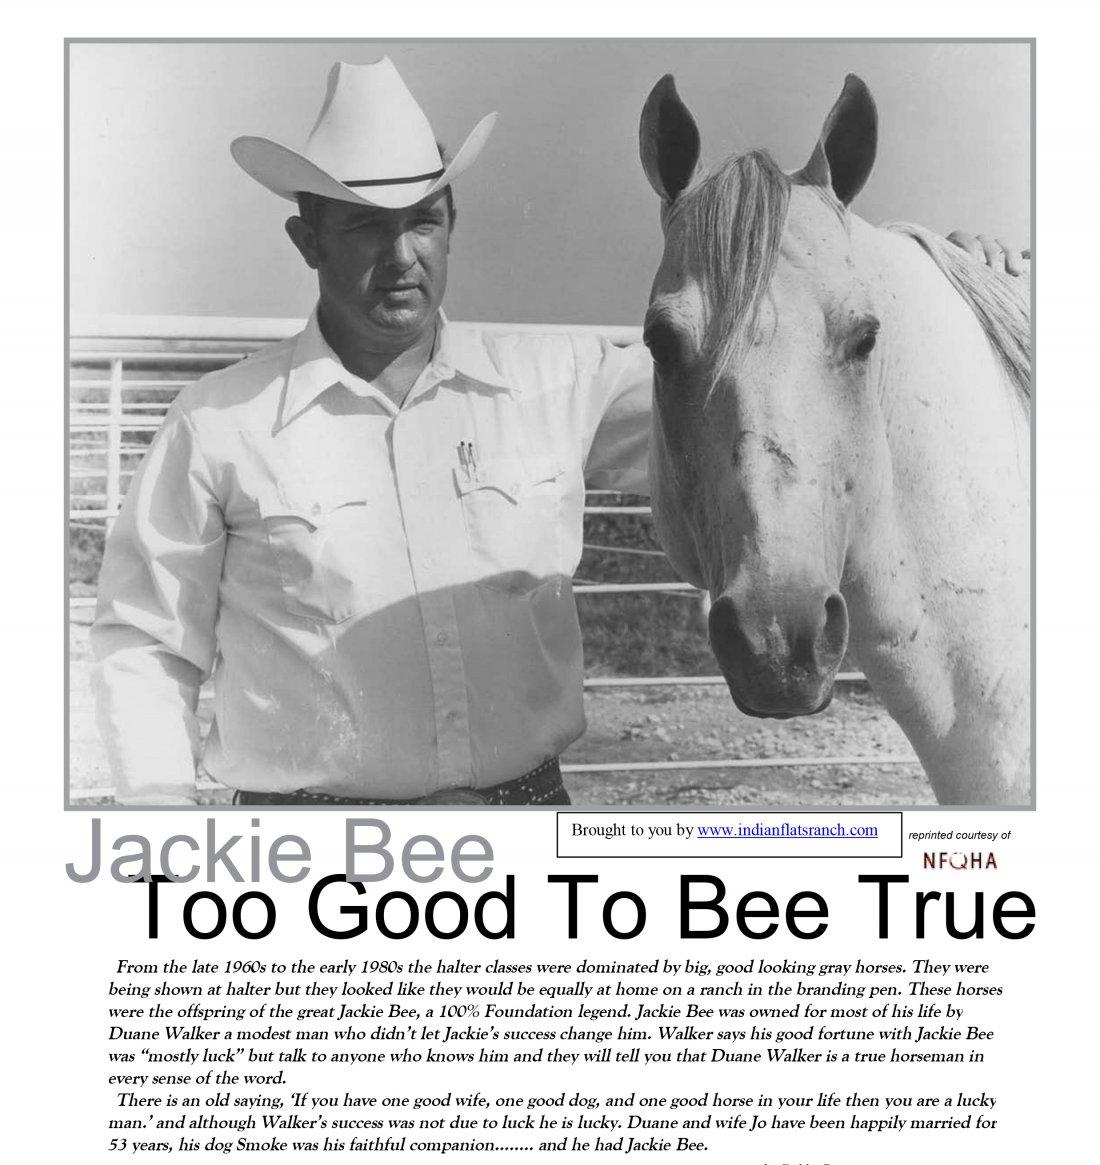 JACKIE BEE